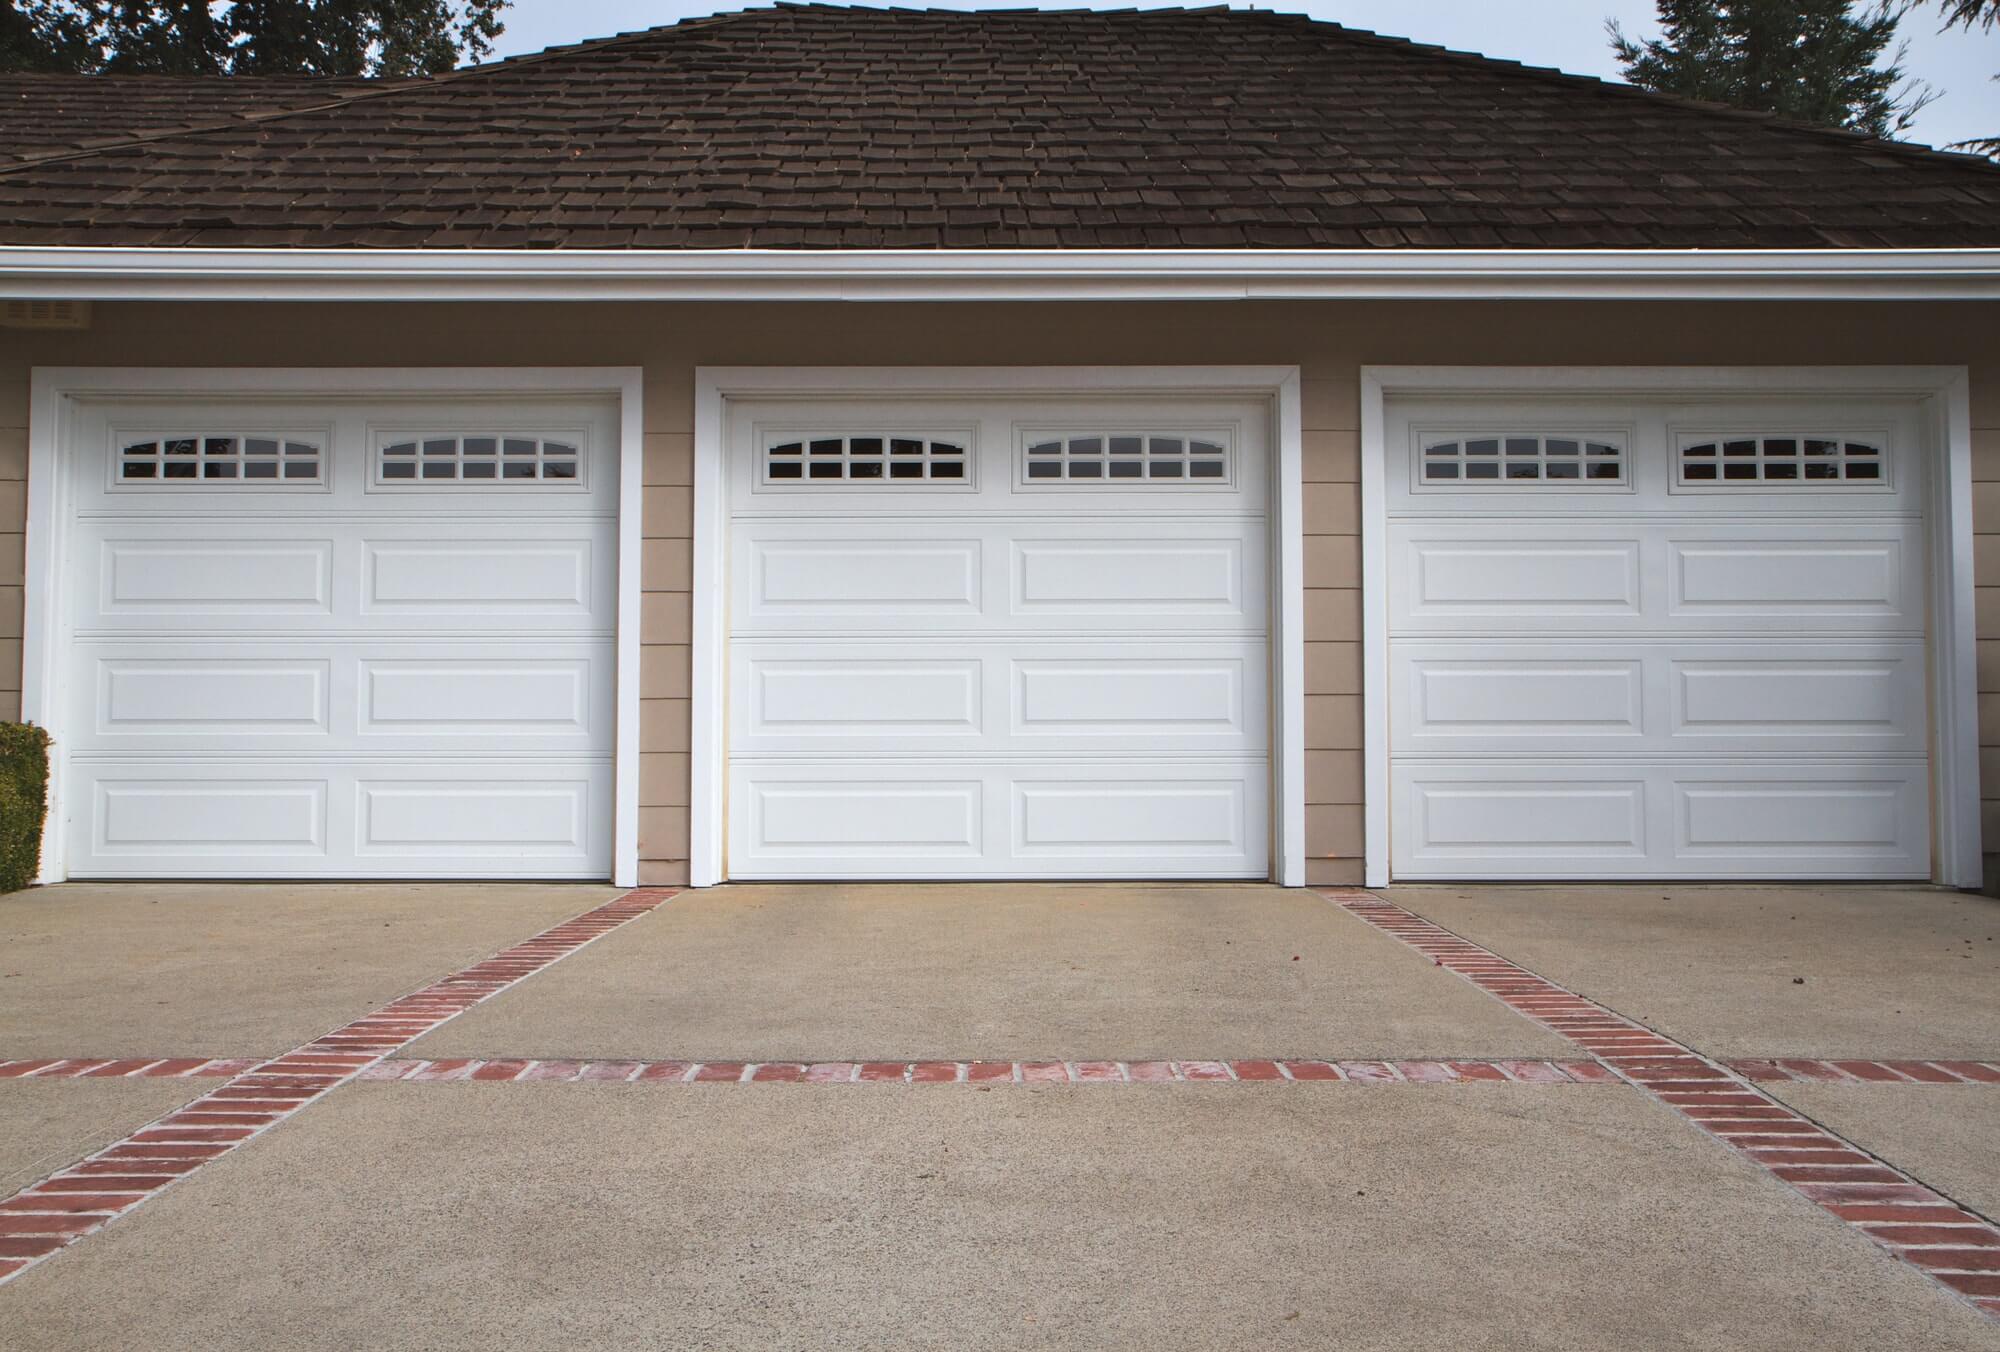 A complete guide for internal garage door security